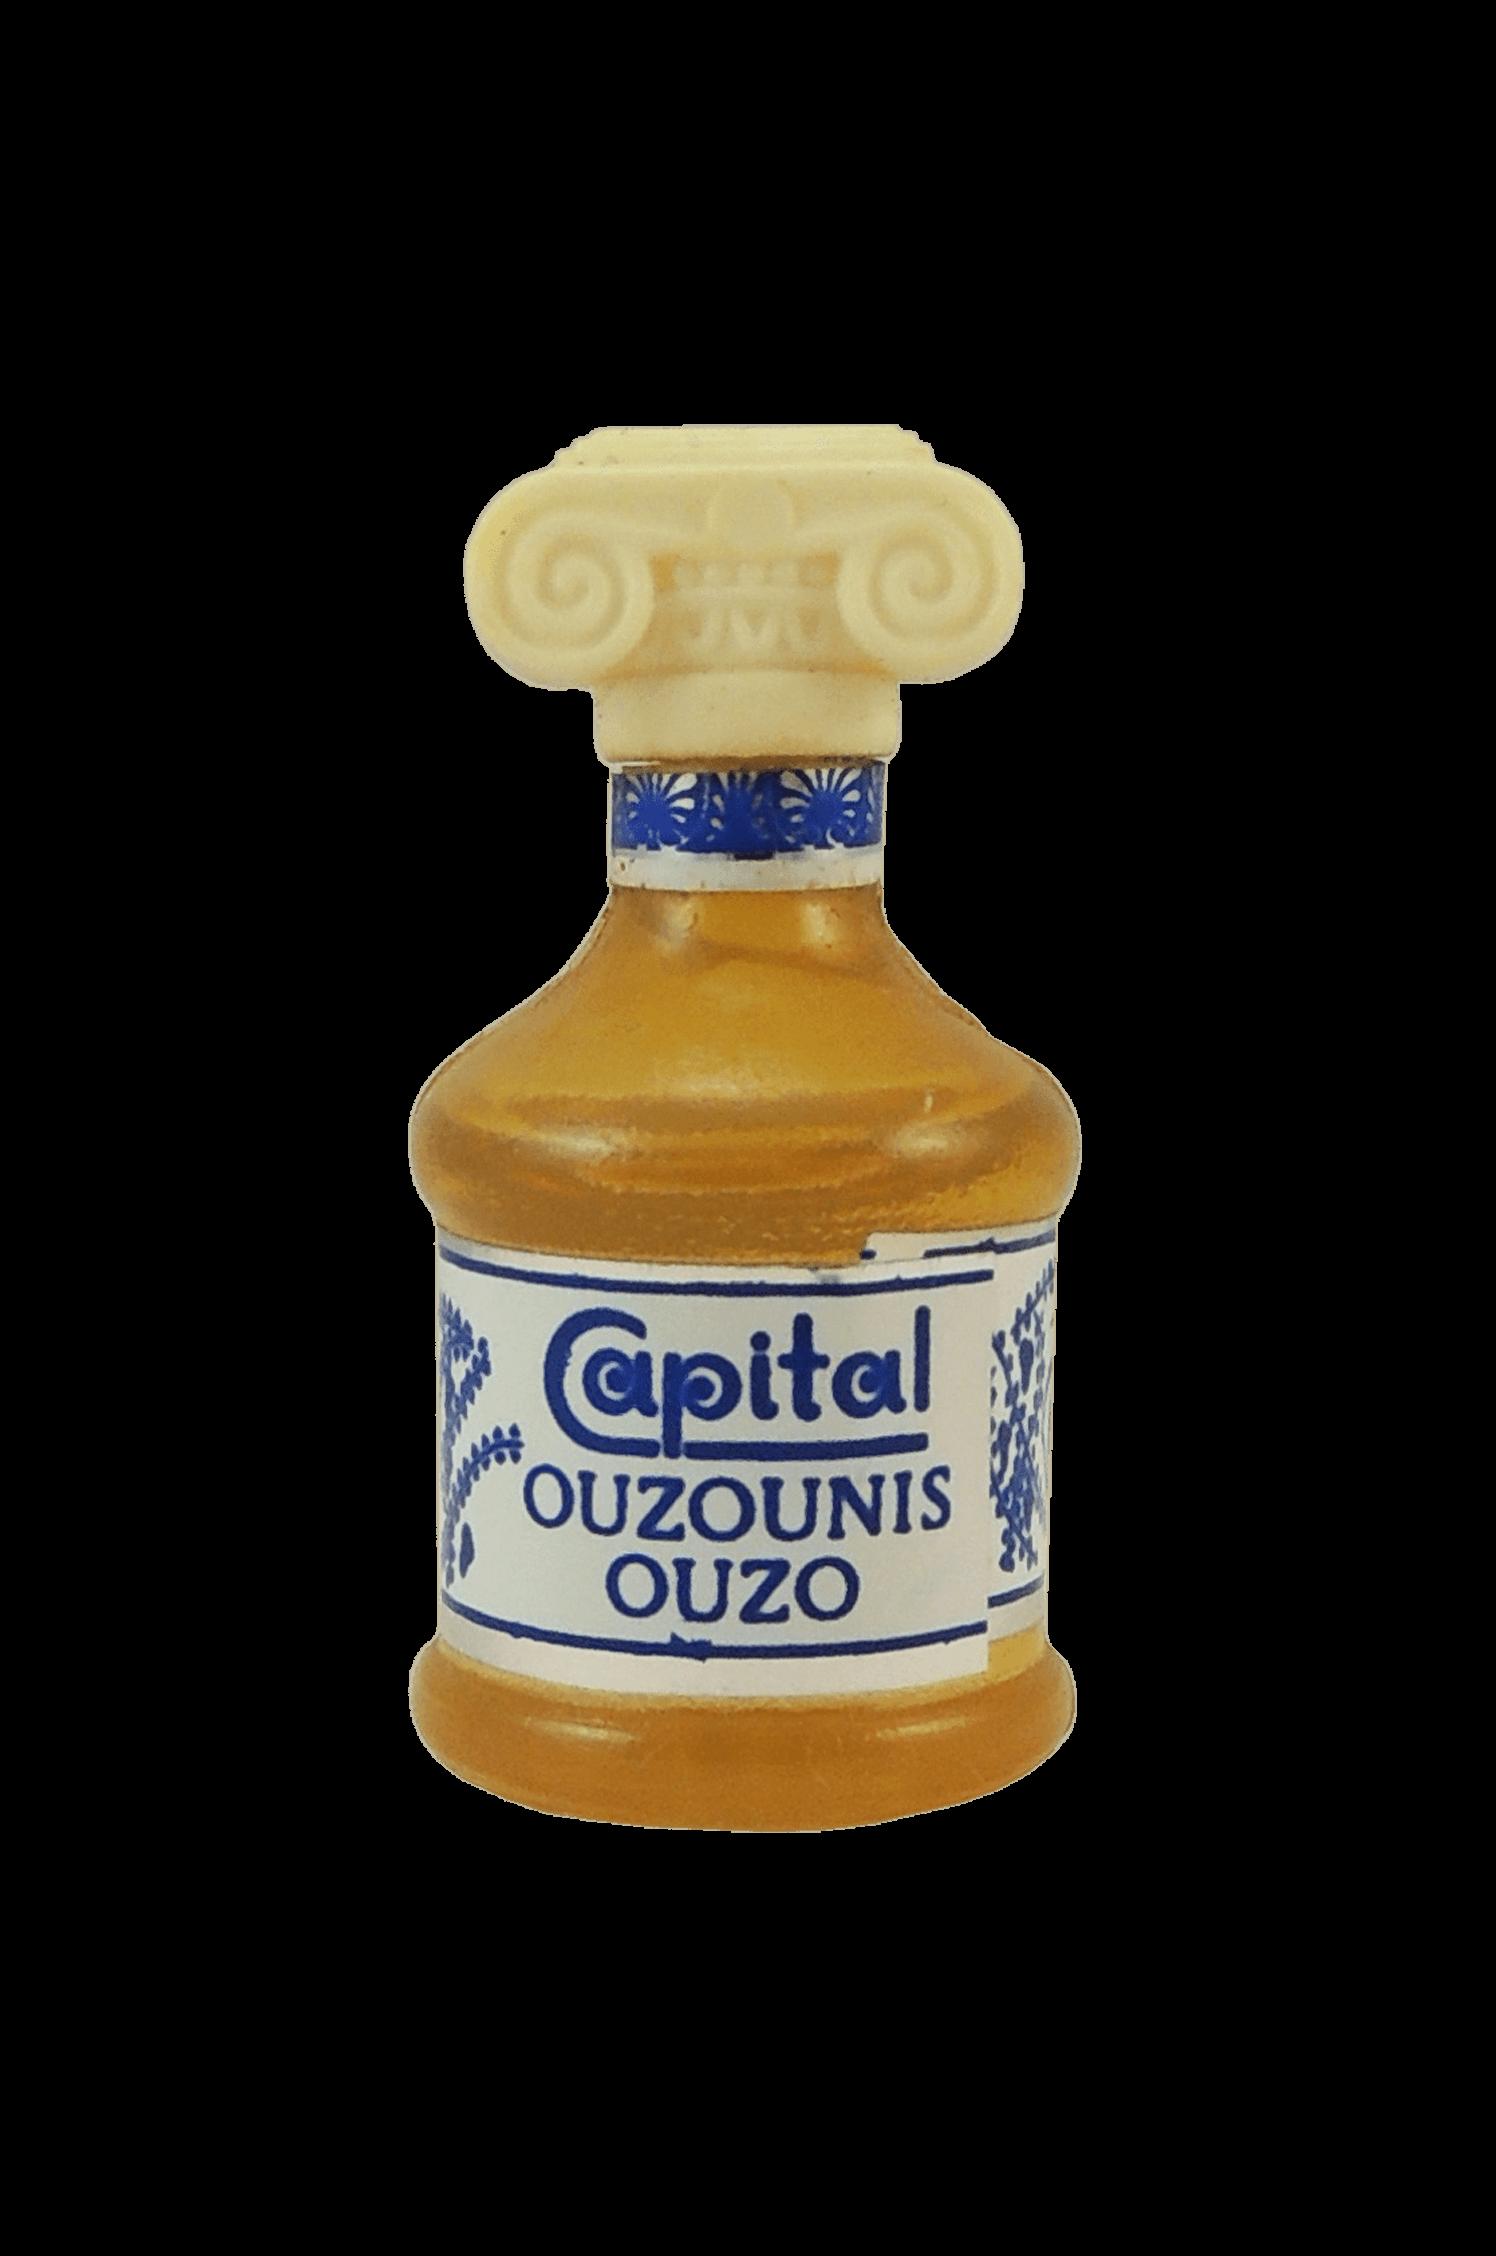 Capital Ouzounis Ouzo